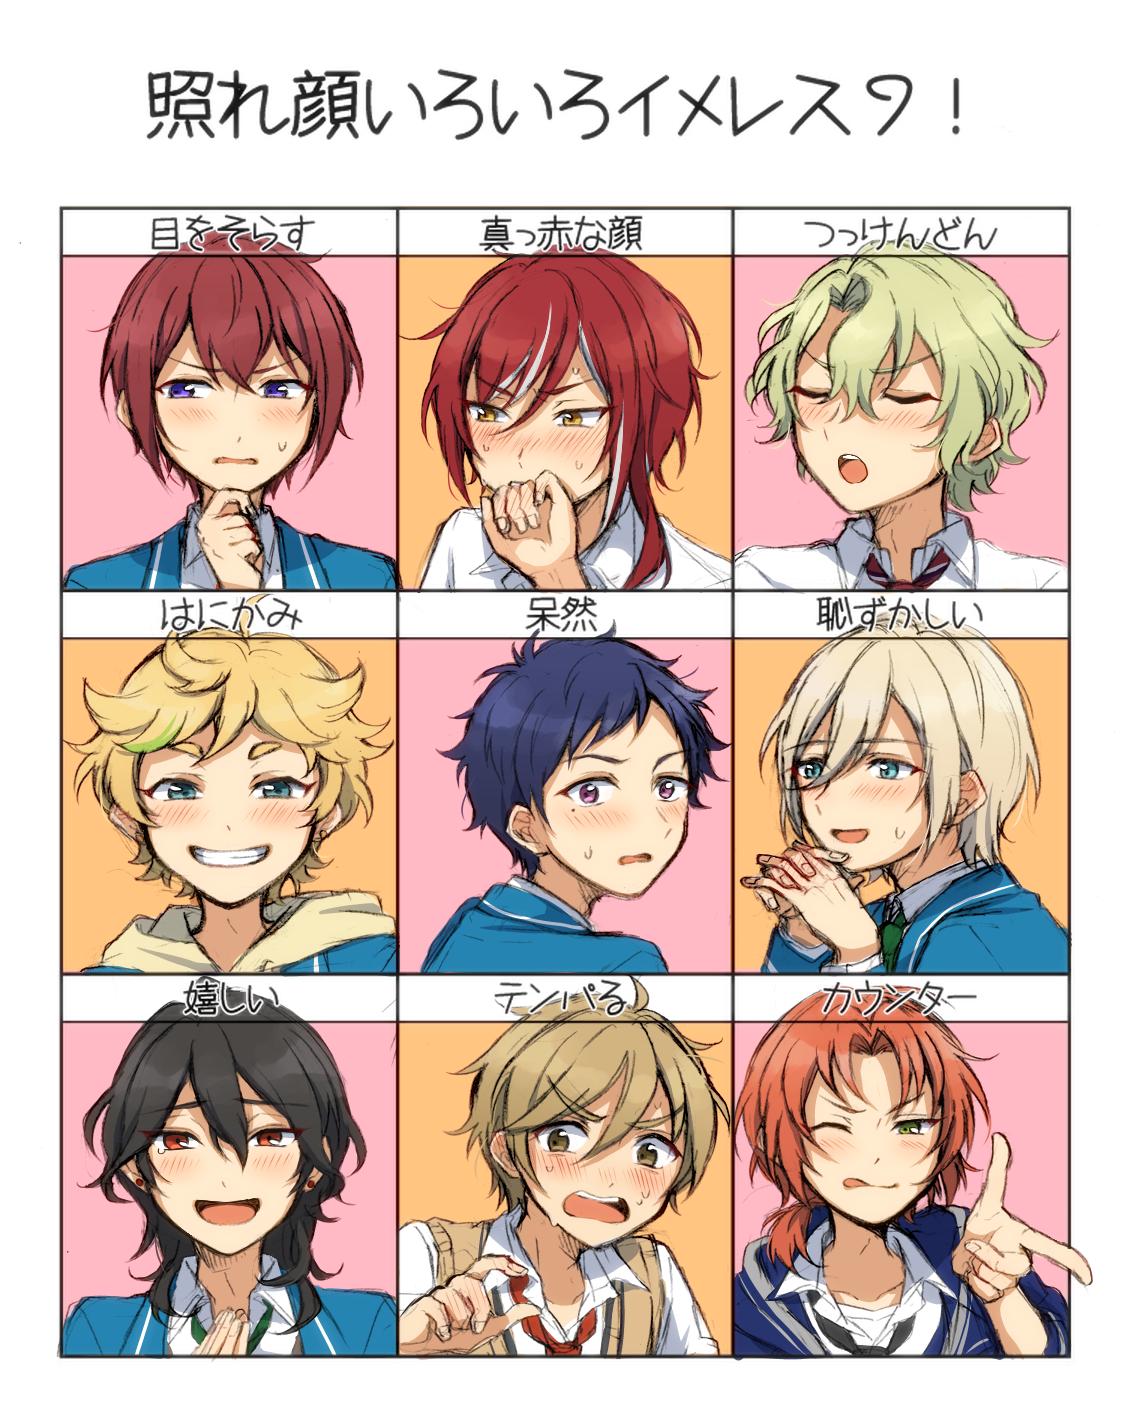 有嶋 On Twitter Ensemble Stars Star Character Stars